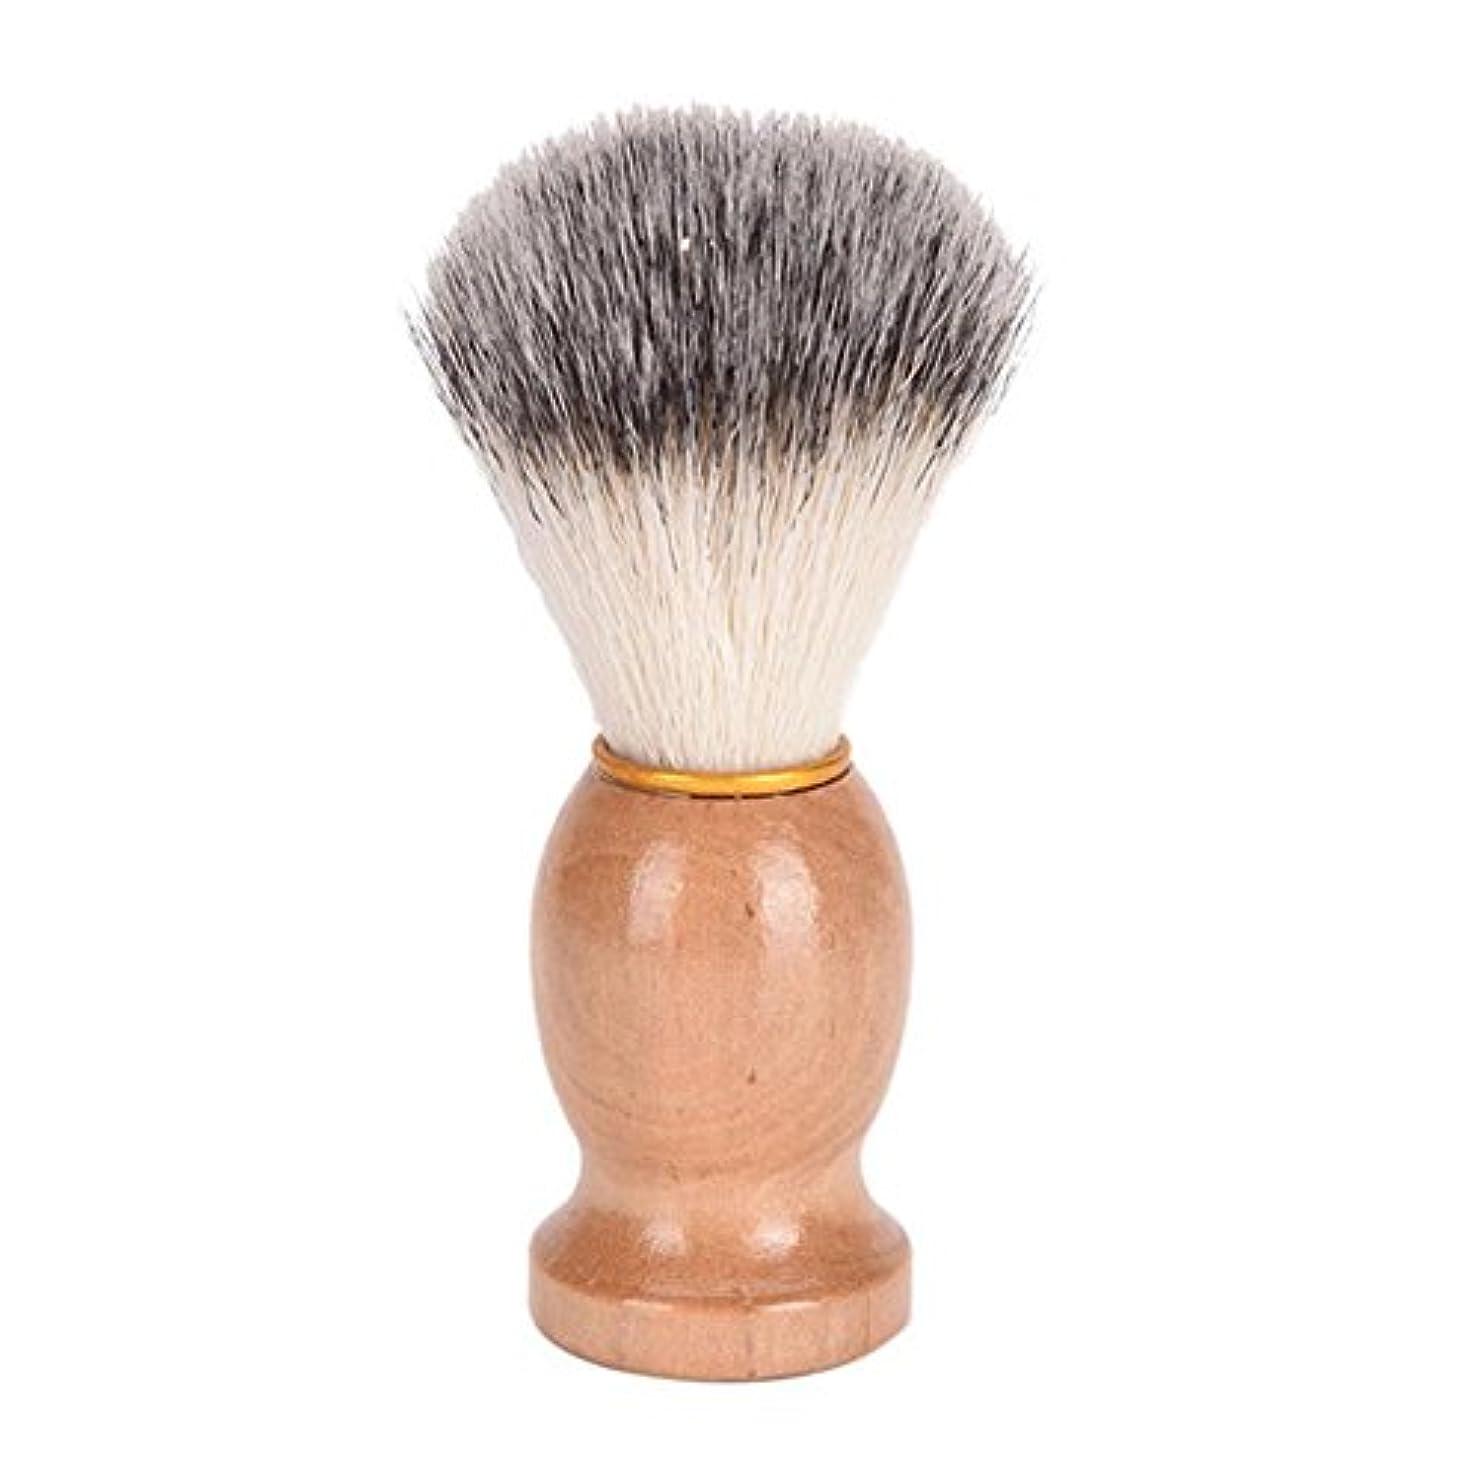 中庭先また明日ねひげブラシ 髭ブラシ シェービング用アクセサリー メンズ用 髭剃り ブラシ シェービングブラシ 木製ハンドル 男性 ギフト理容 洗顔 髭剃り